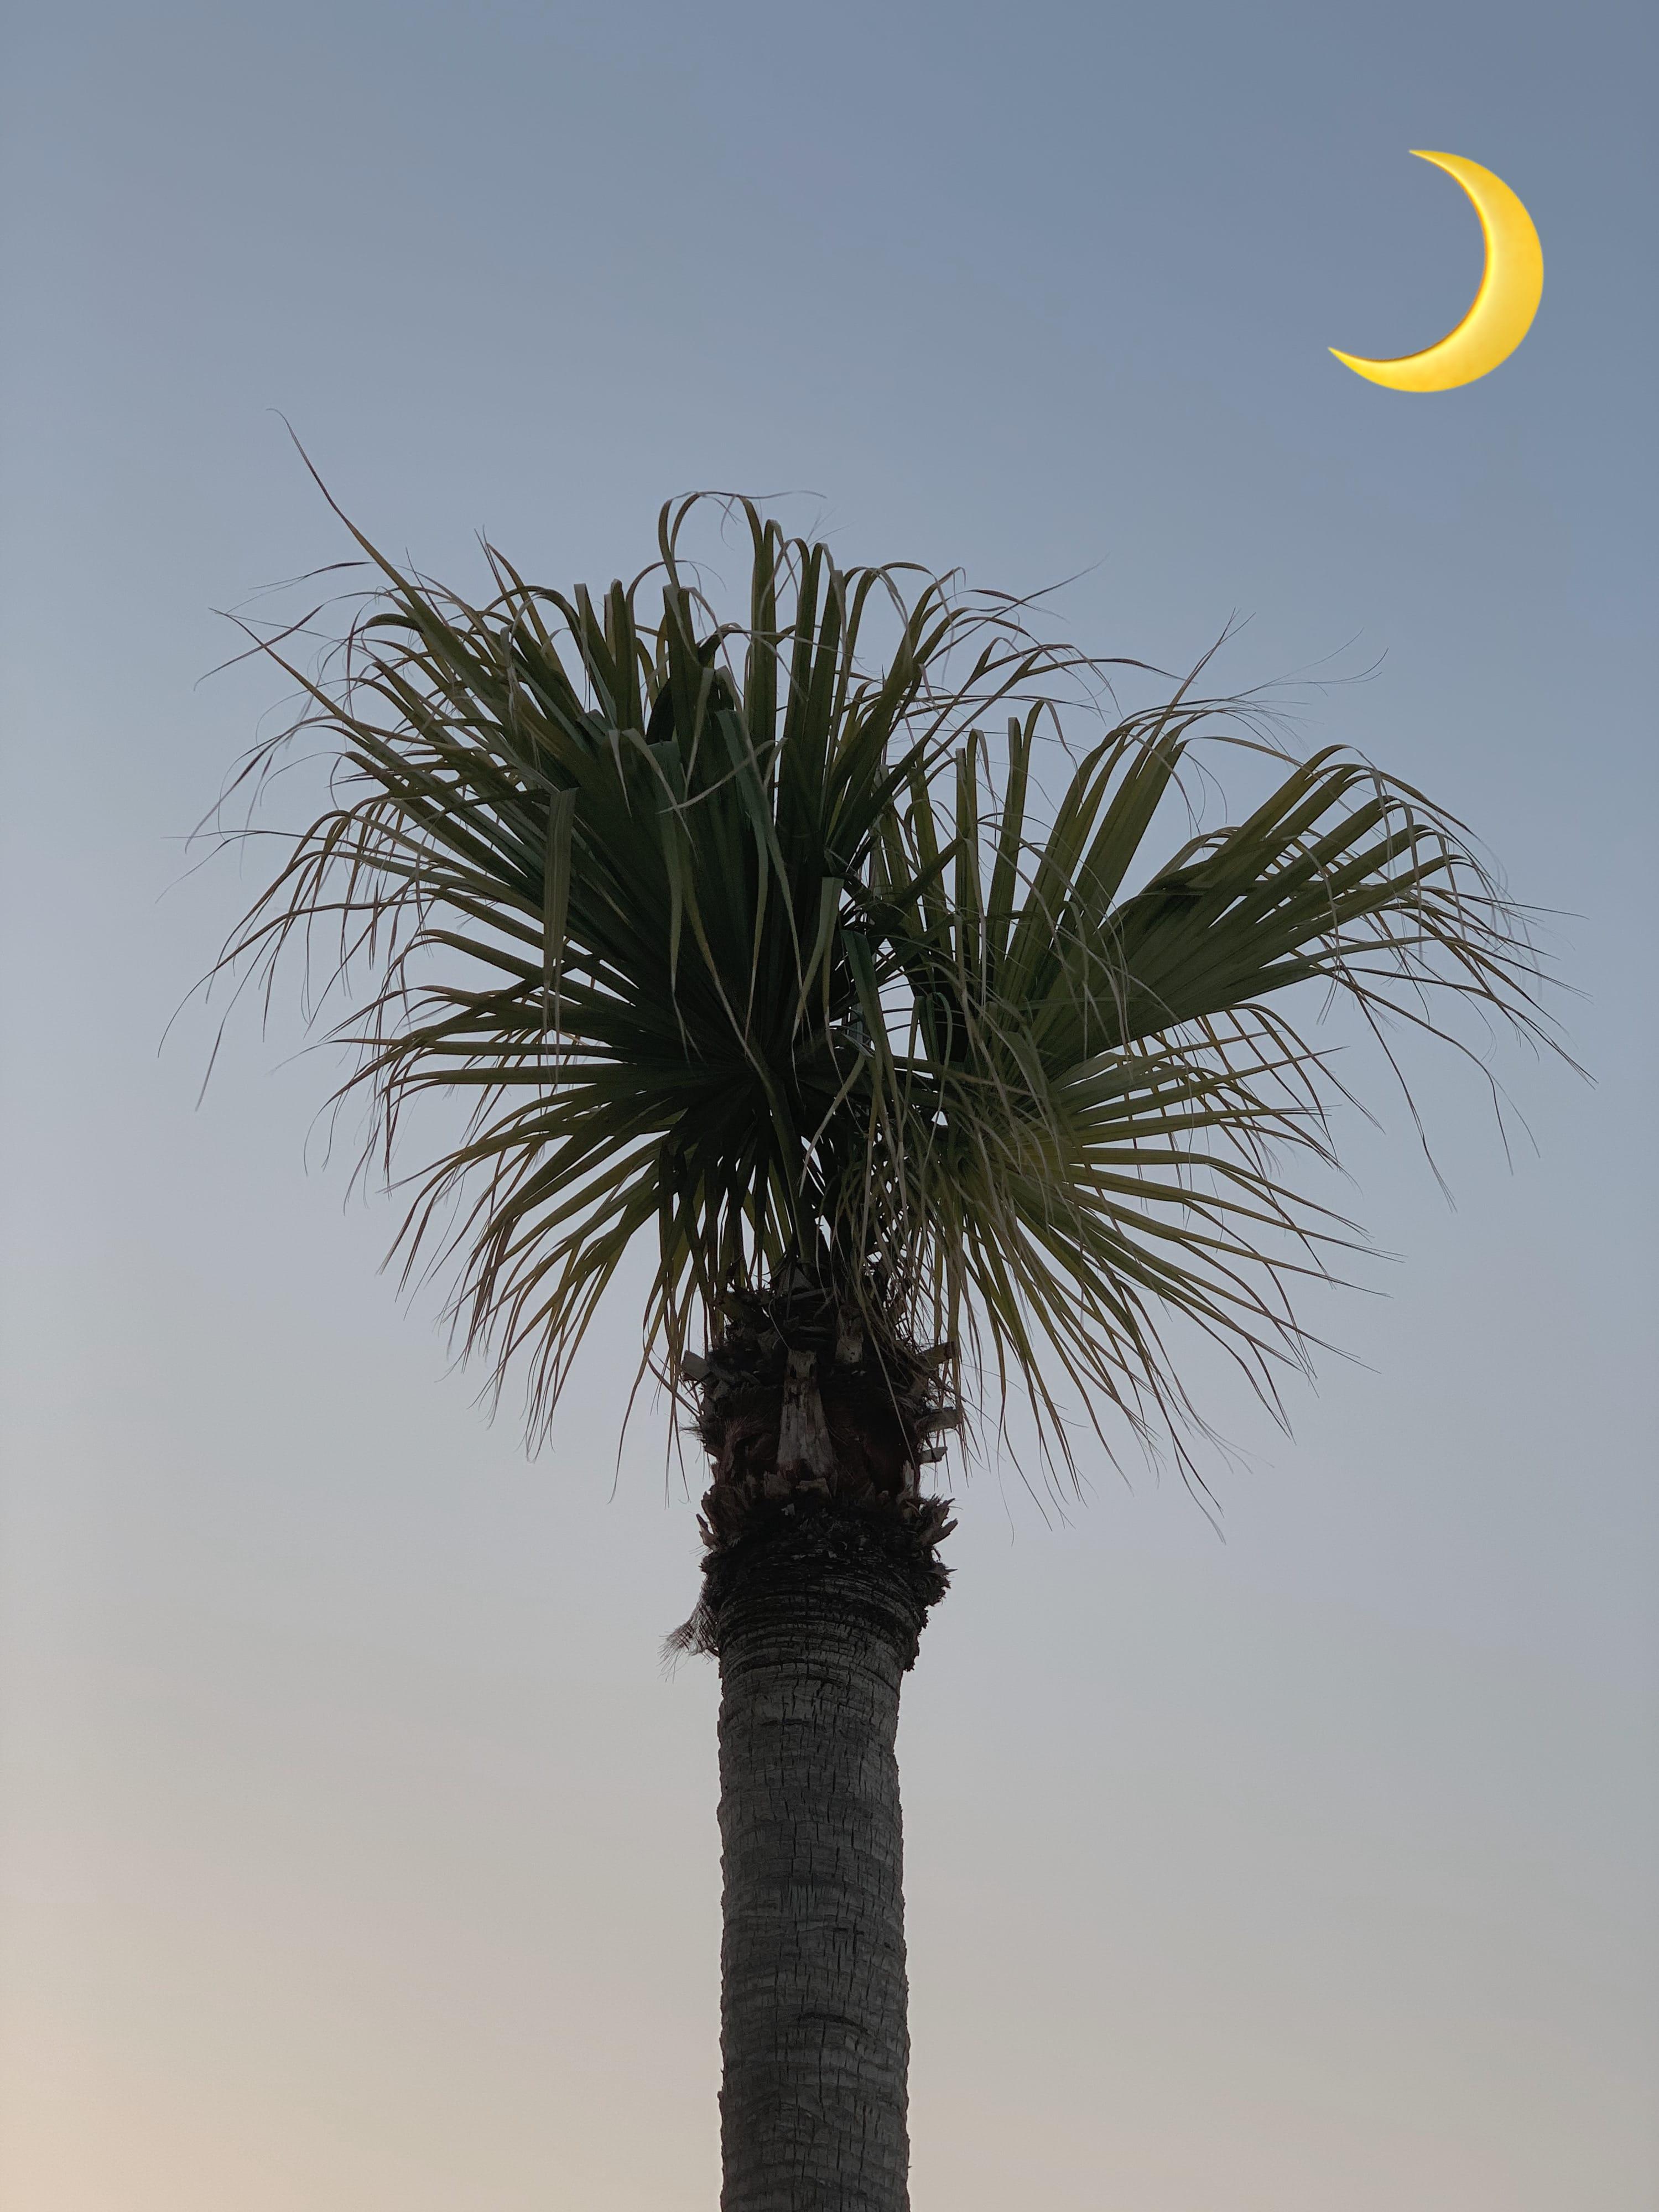 「こんばんは」10/24(日) 21:41   こころ(ご予約殺到中)の写メ日記